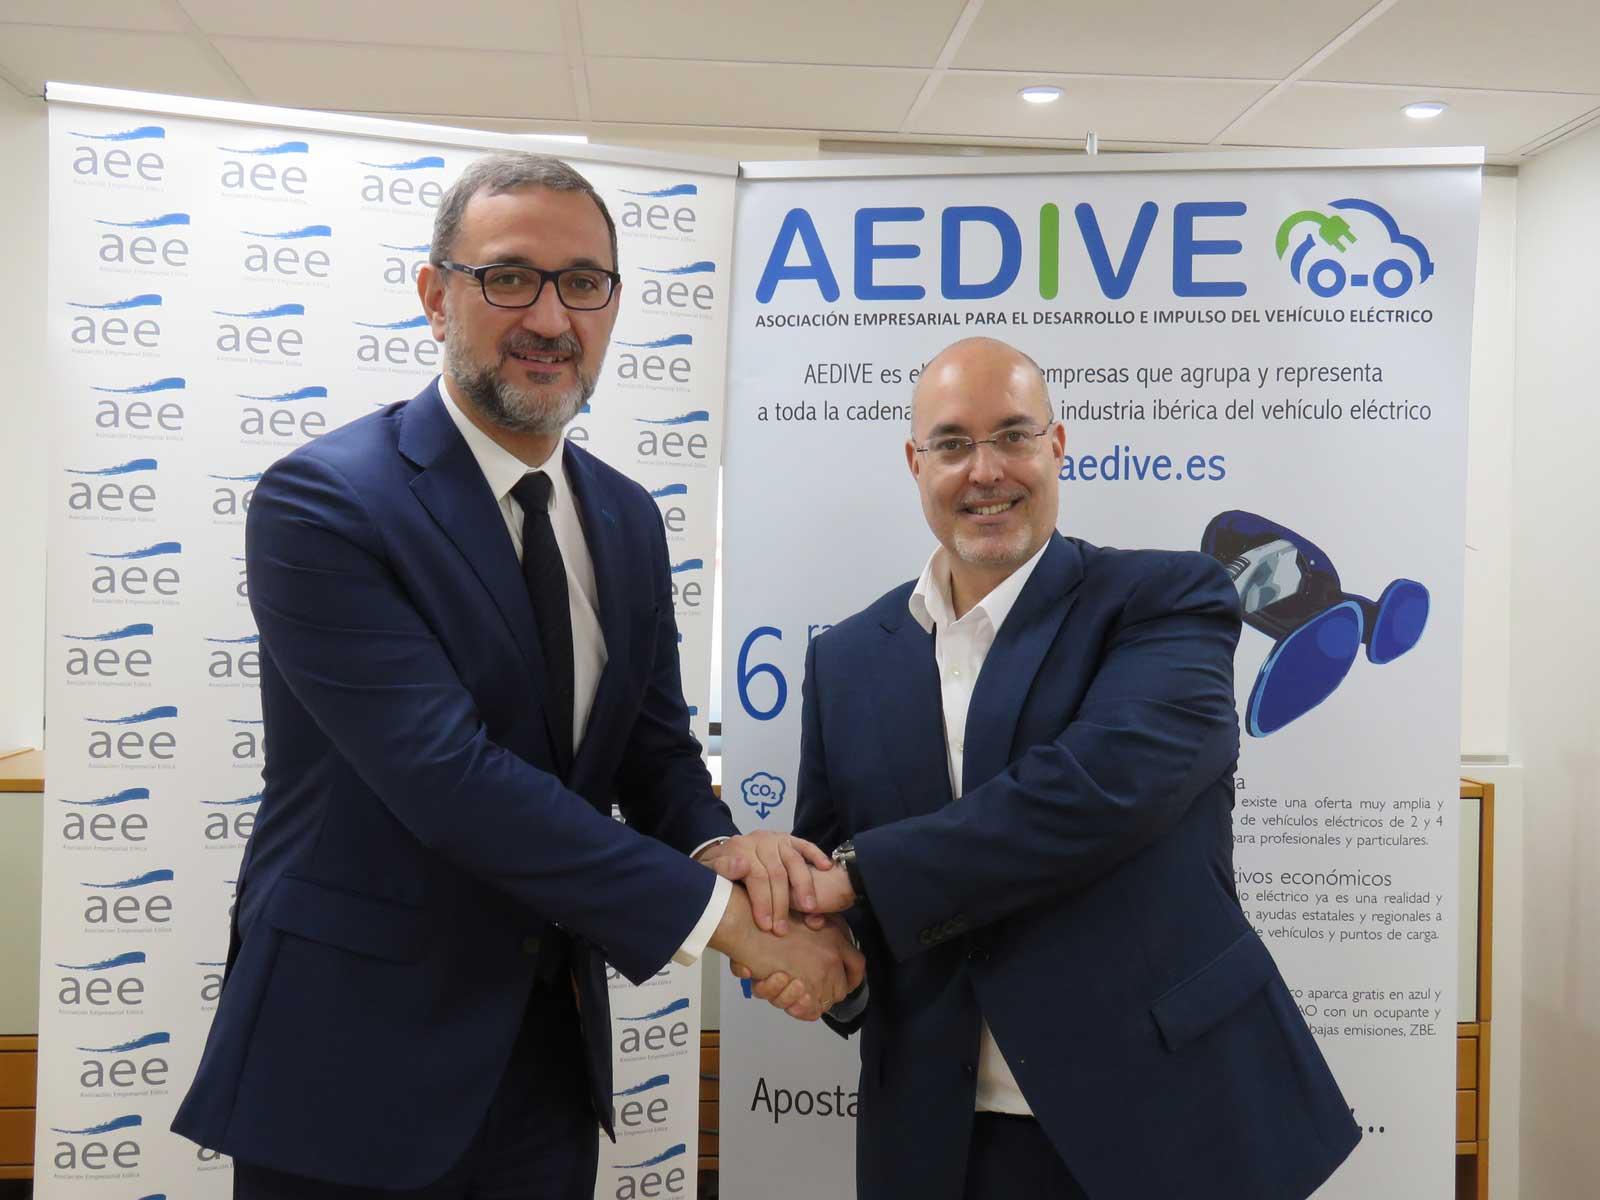 Firma convenio colaboración AEDIVE  y AEE